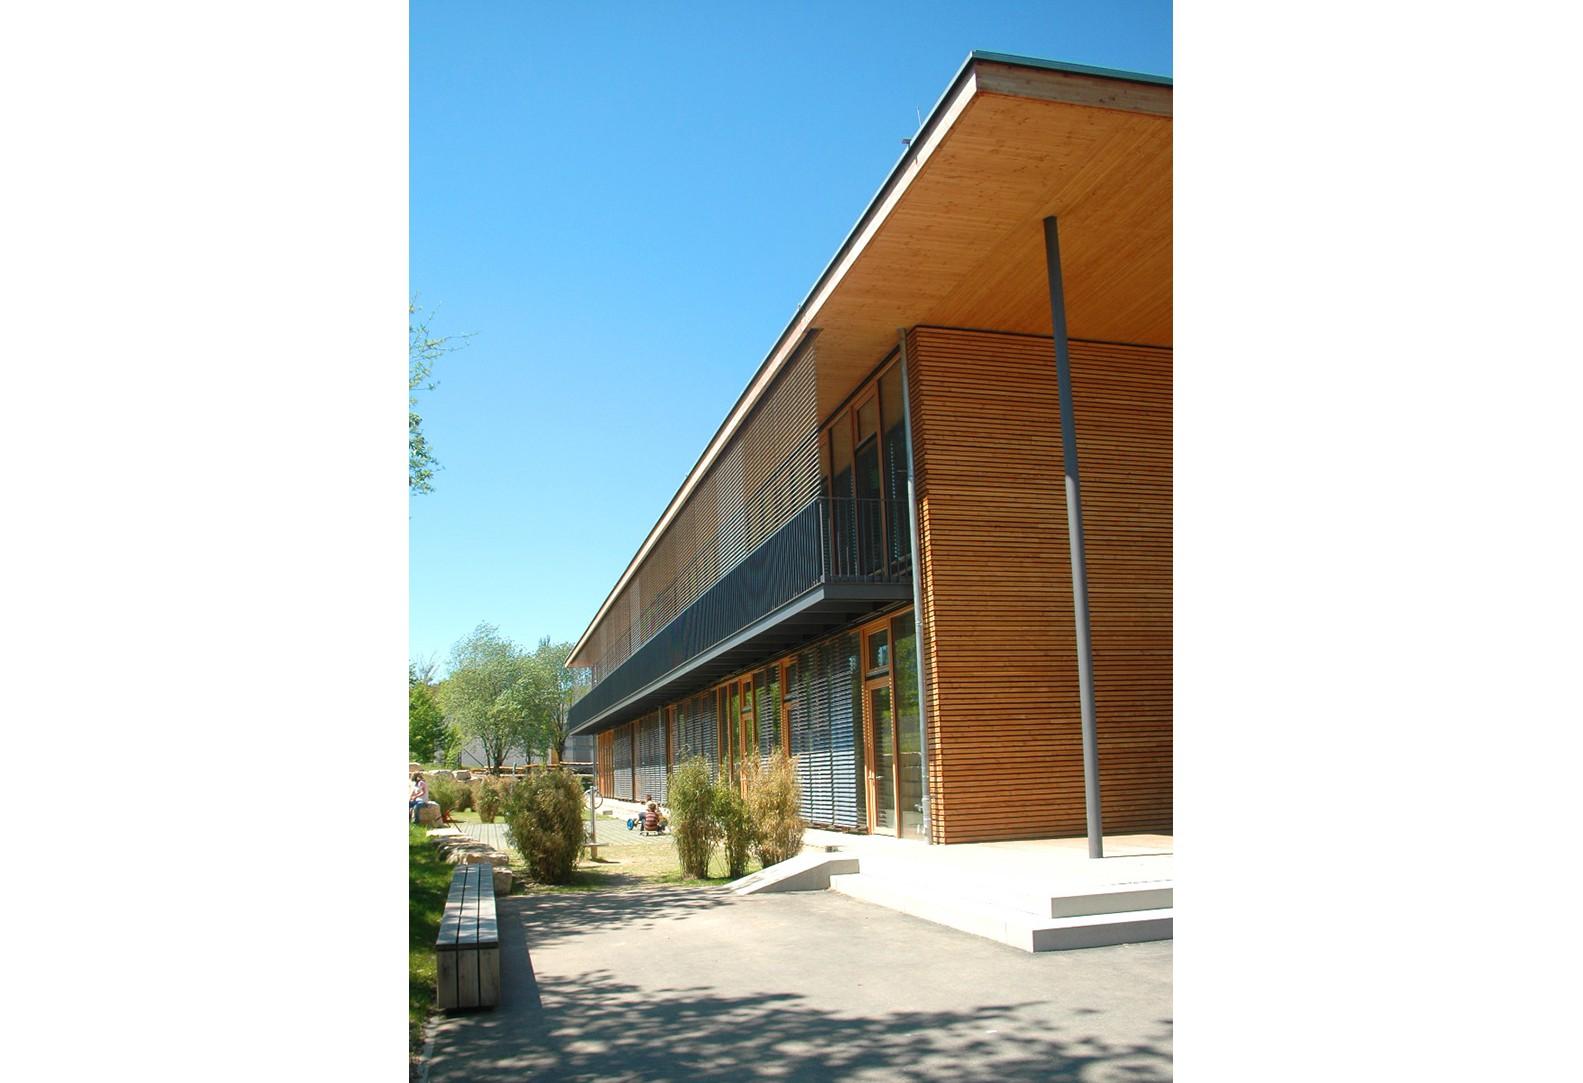 Staufer Grundschule